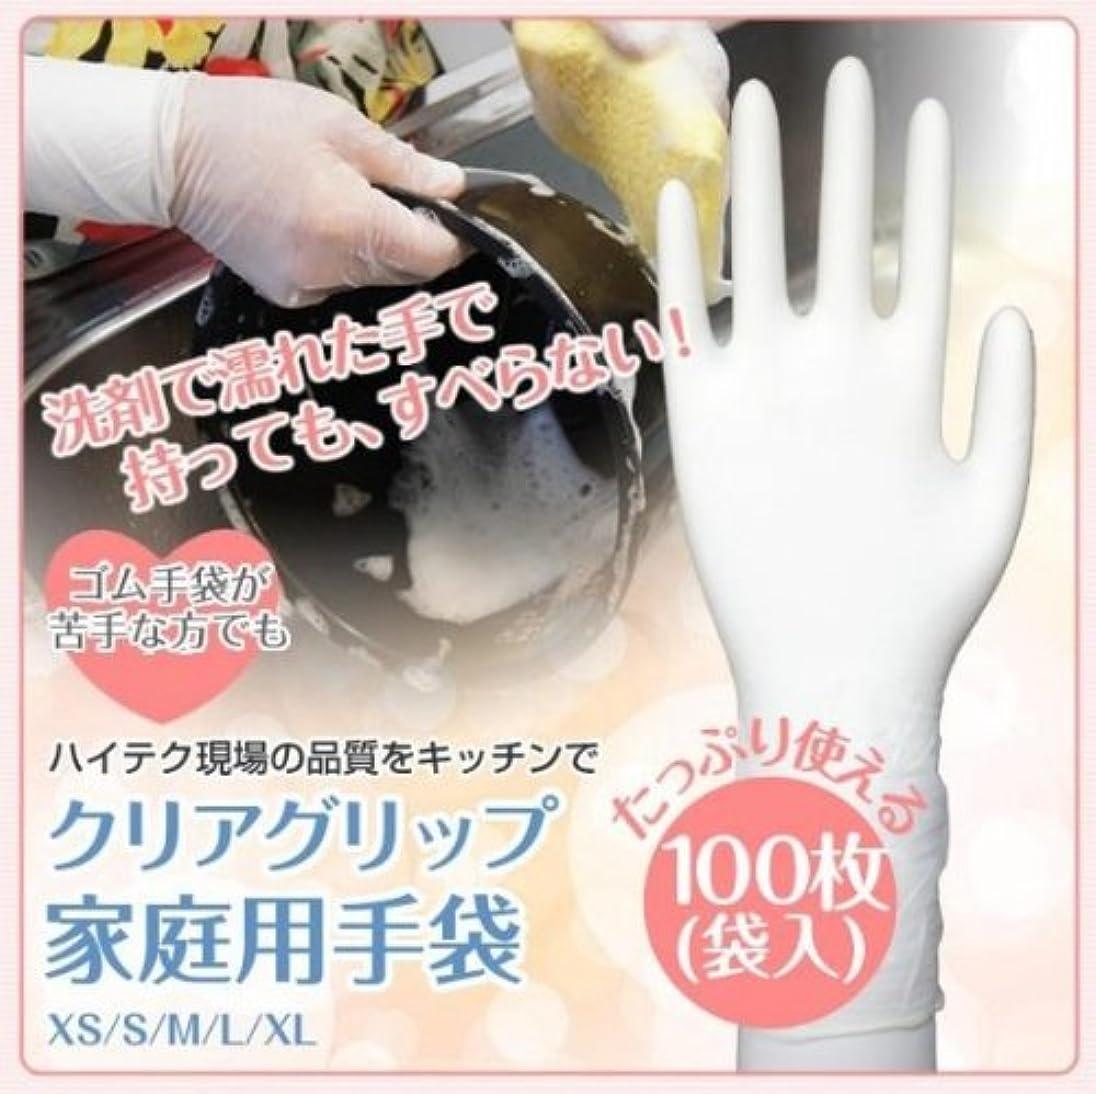 三高サプライ ニトリル手袋 クラス100 クリアグリップ ロング(半透明) GN09 100枚入り XS